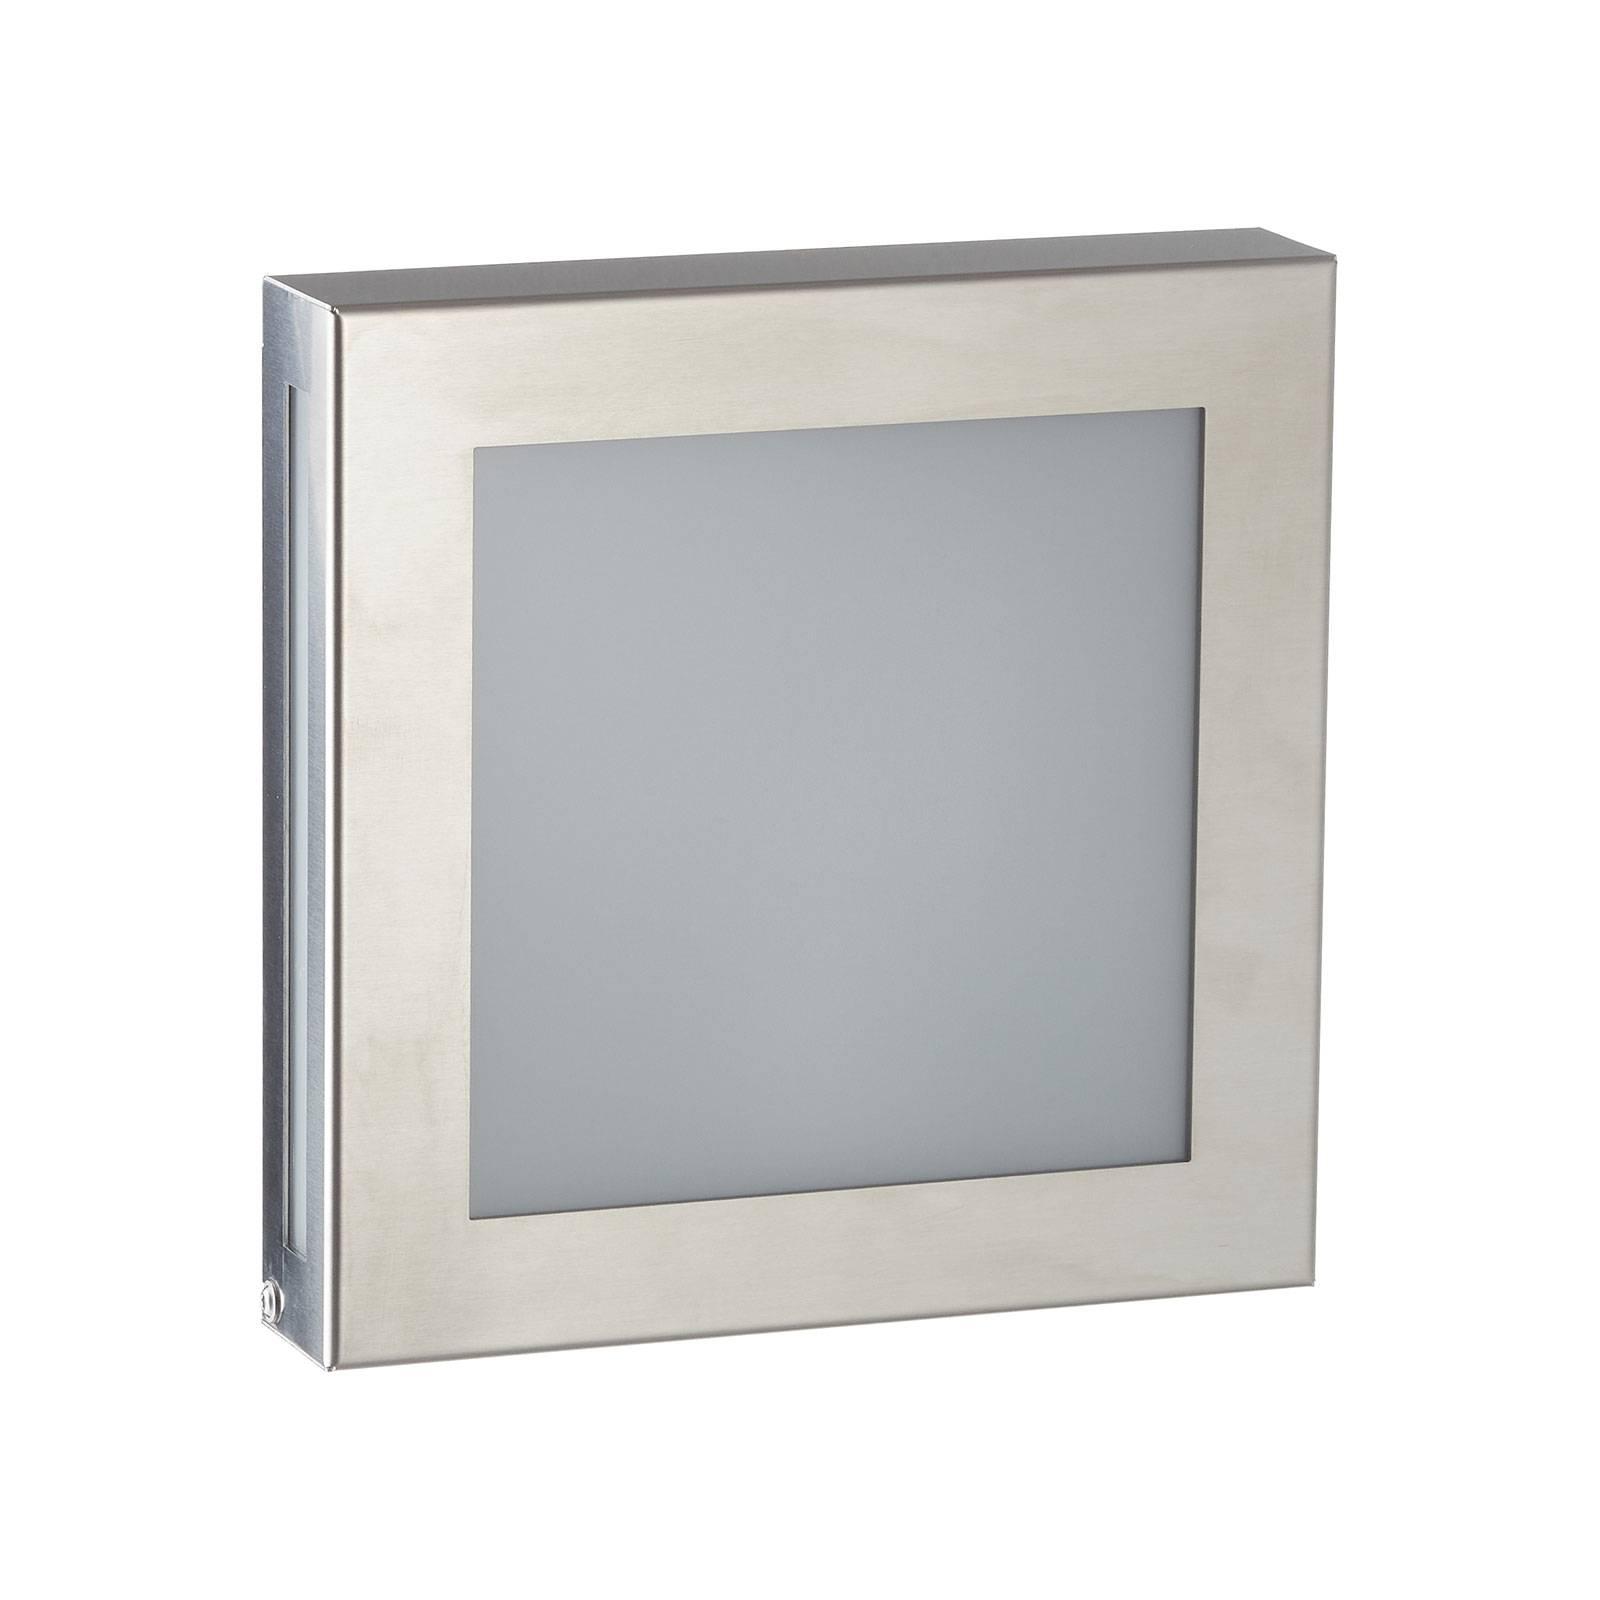 Sensor-LED-Außenlampe Aqua Legendo Mini, edelstahl